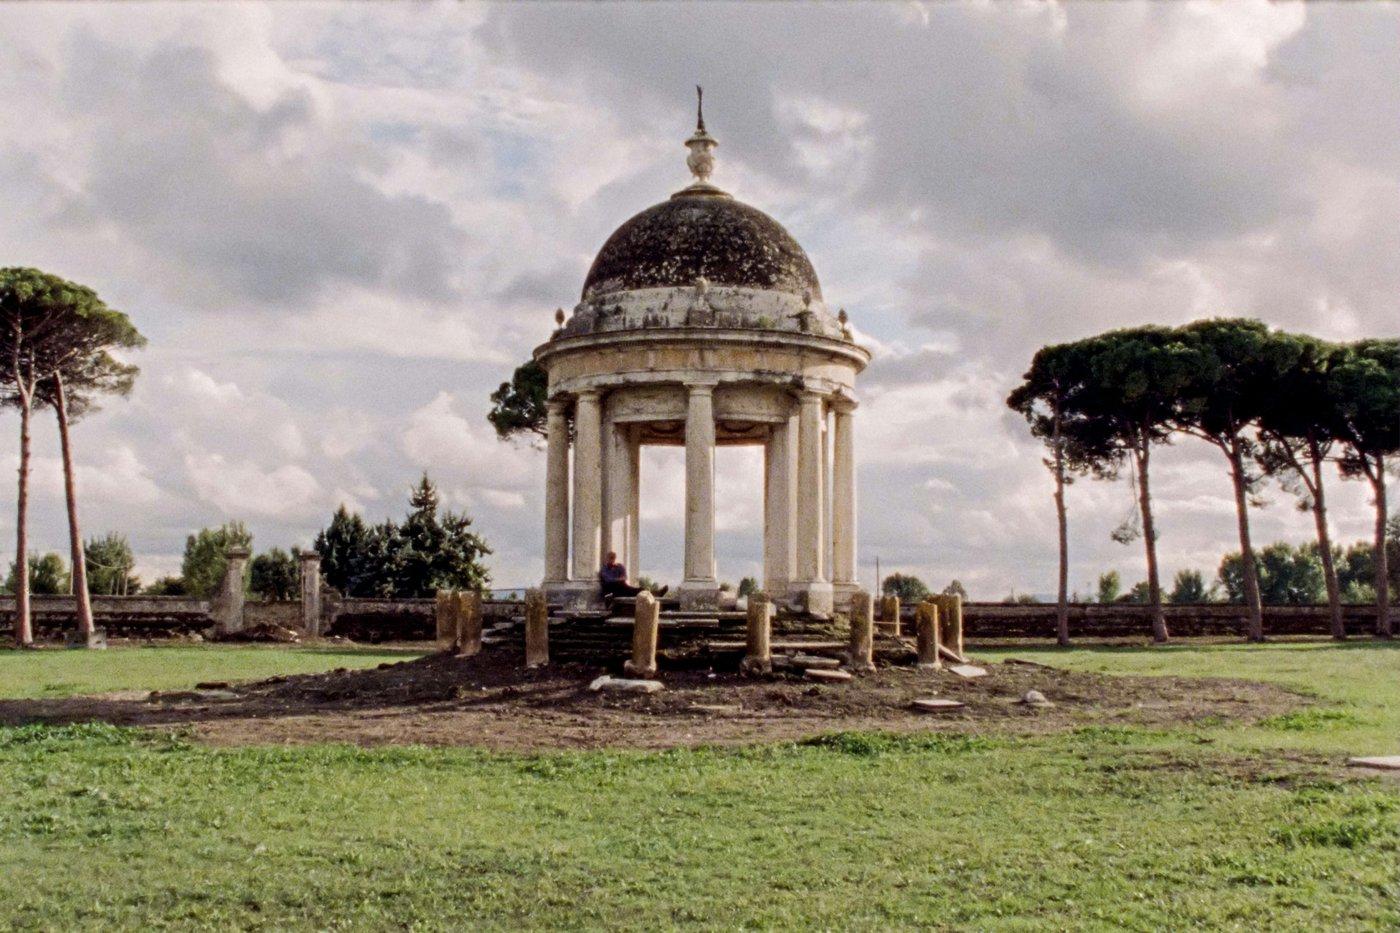 Bella-e-perduta-2015-Pietro-Marcello-02